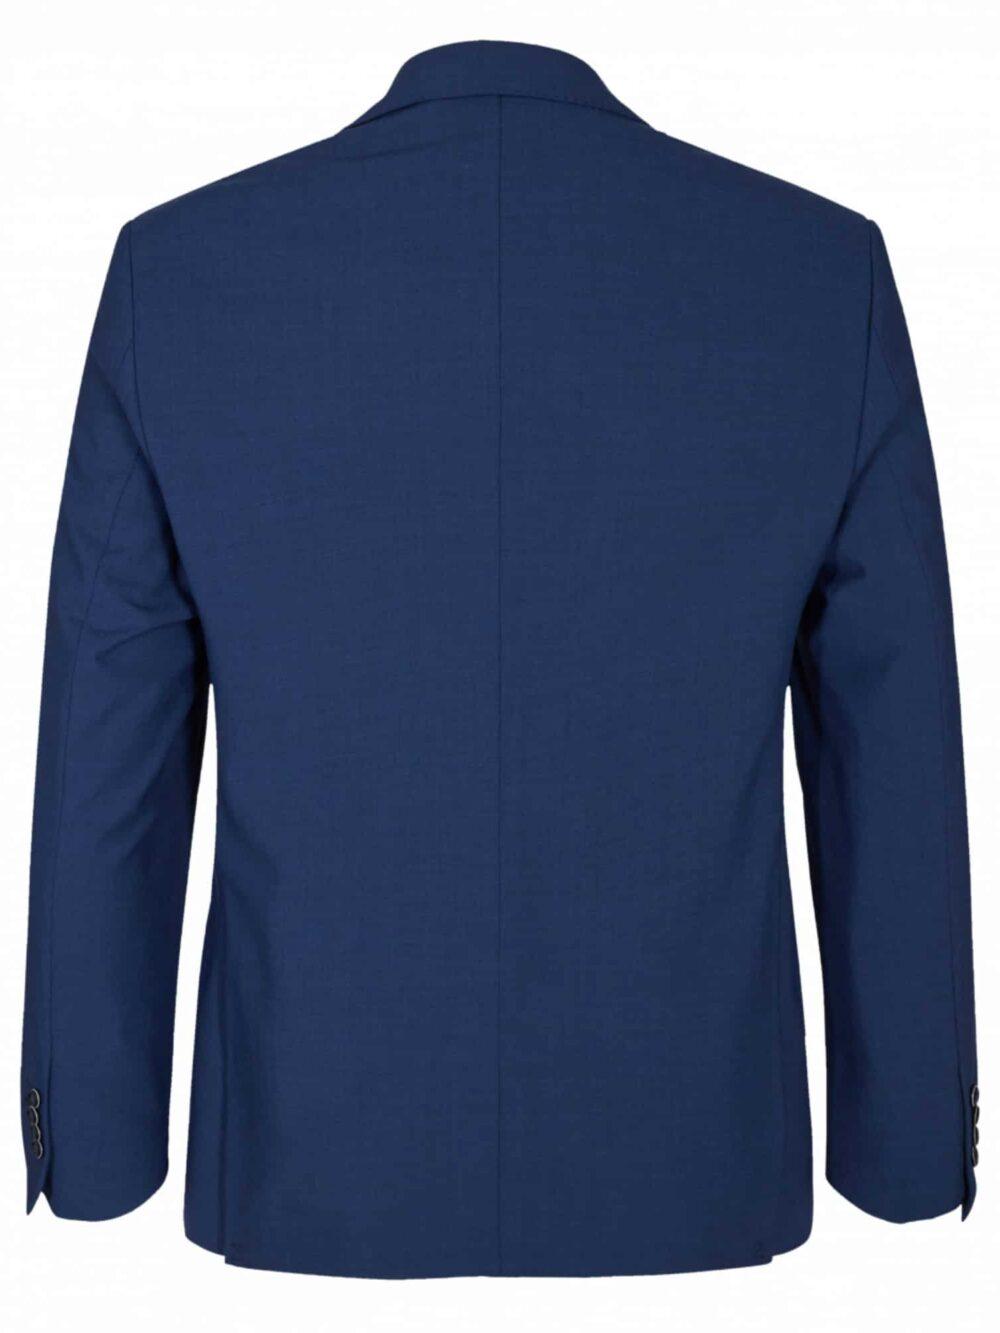 Sunwill Blazer 211520-7400 Indigo Blue